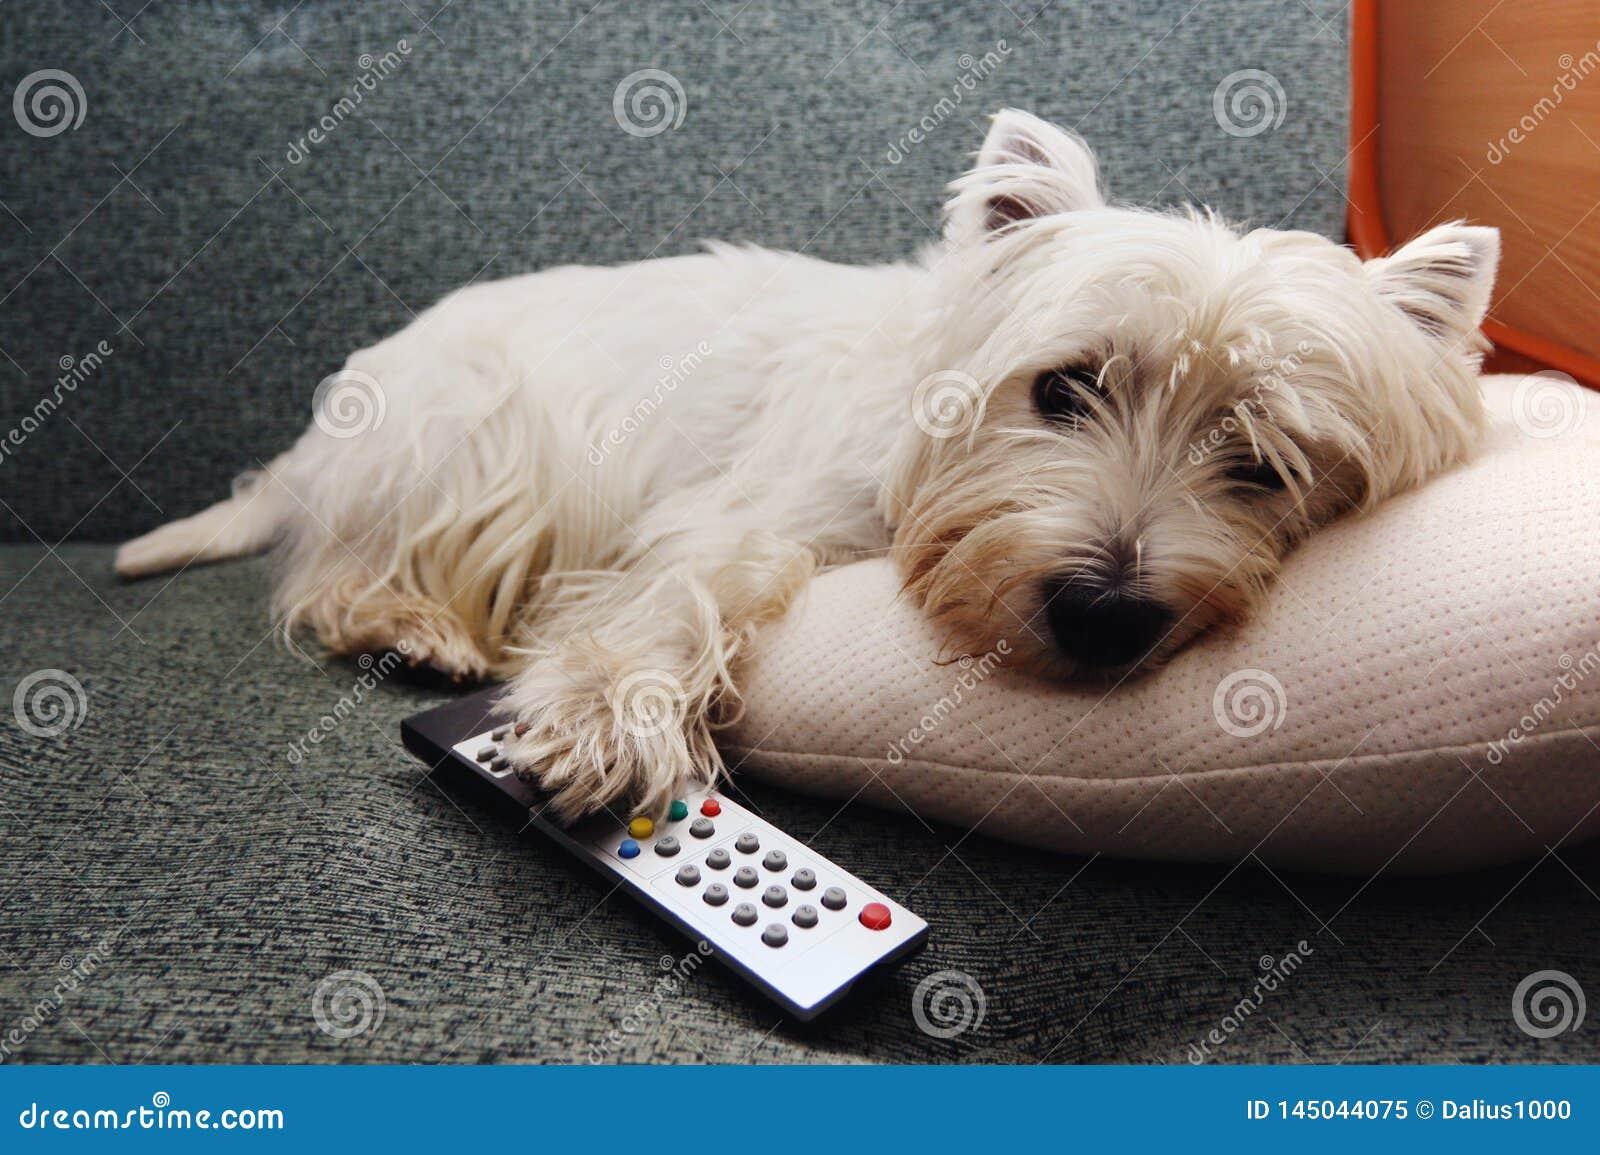 Vermoeide wstie hond met een ver controlemechanisme